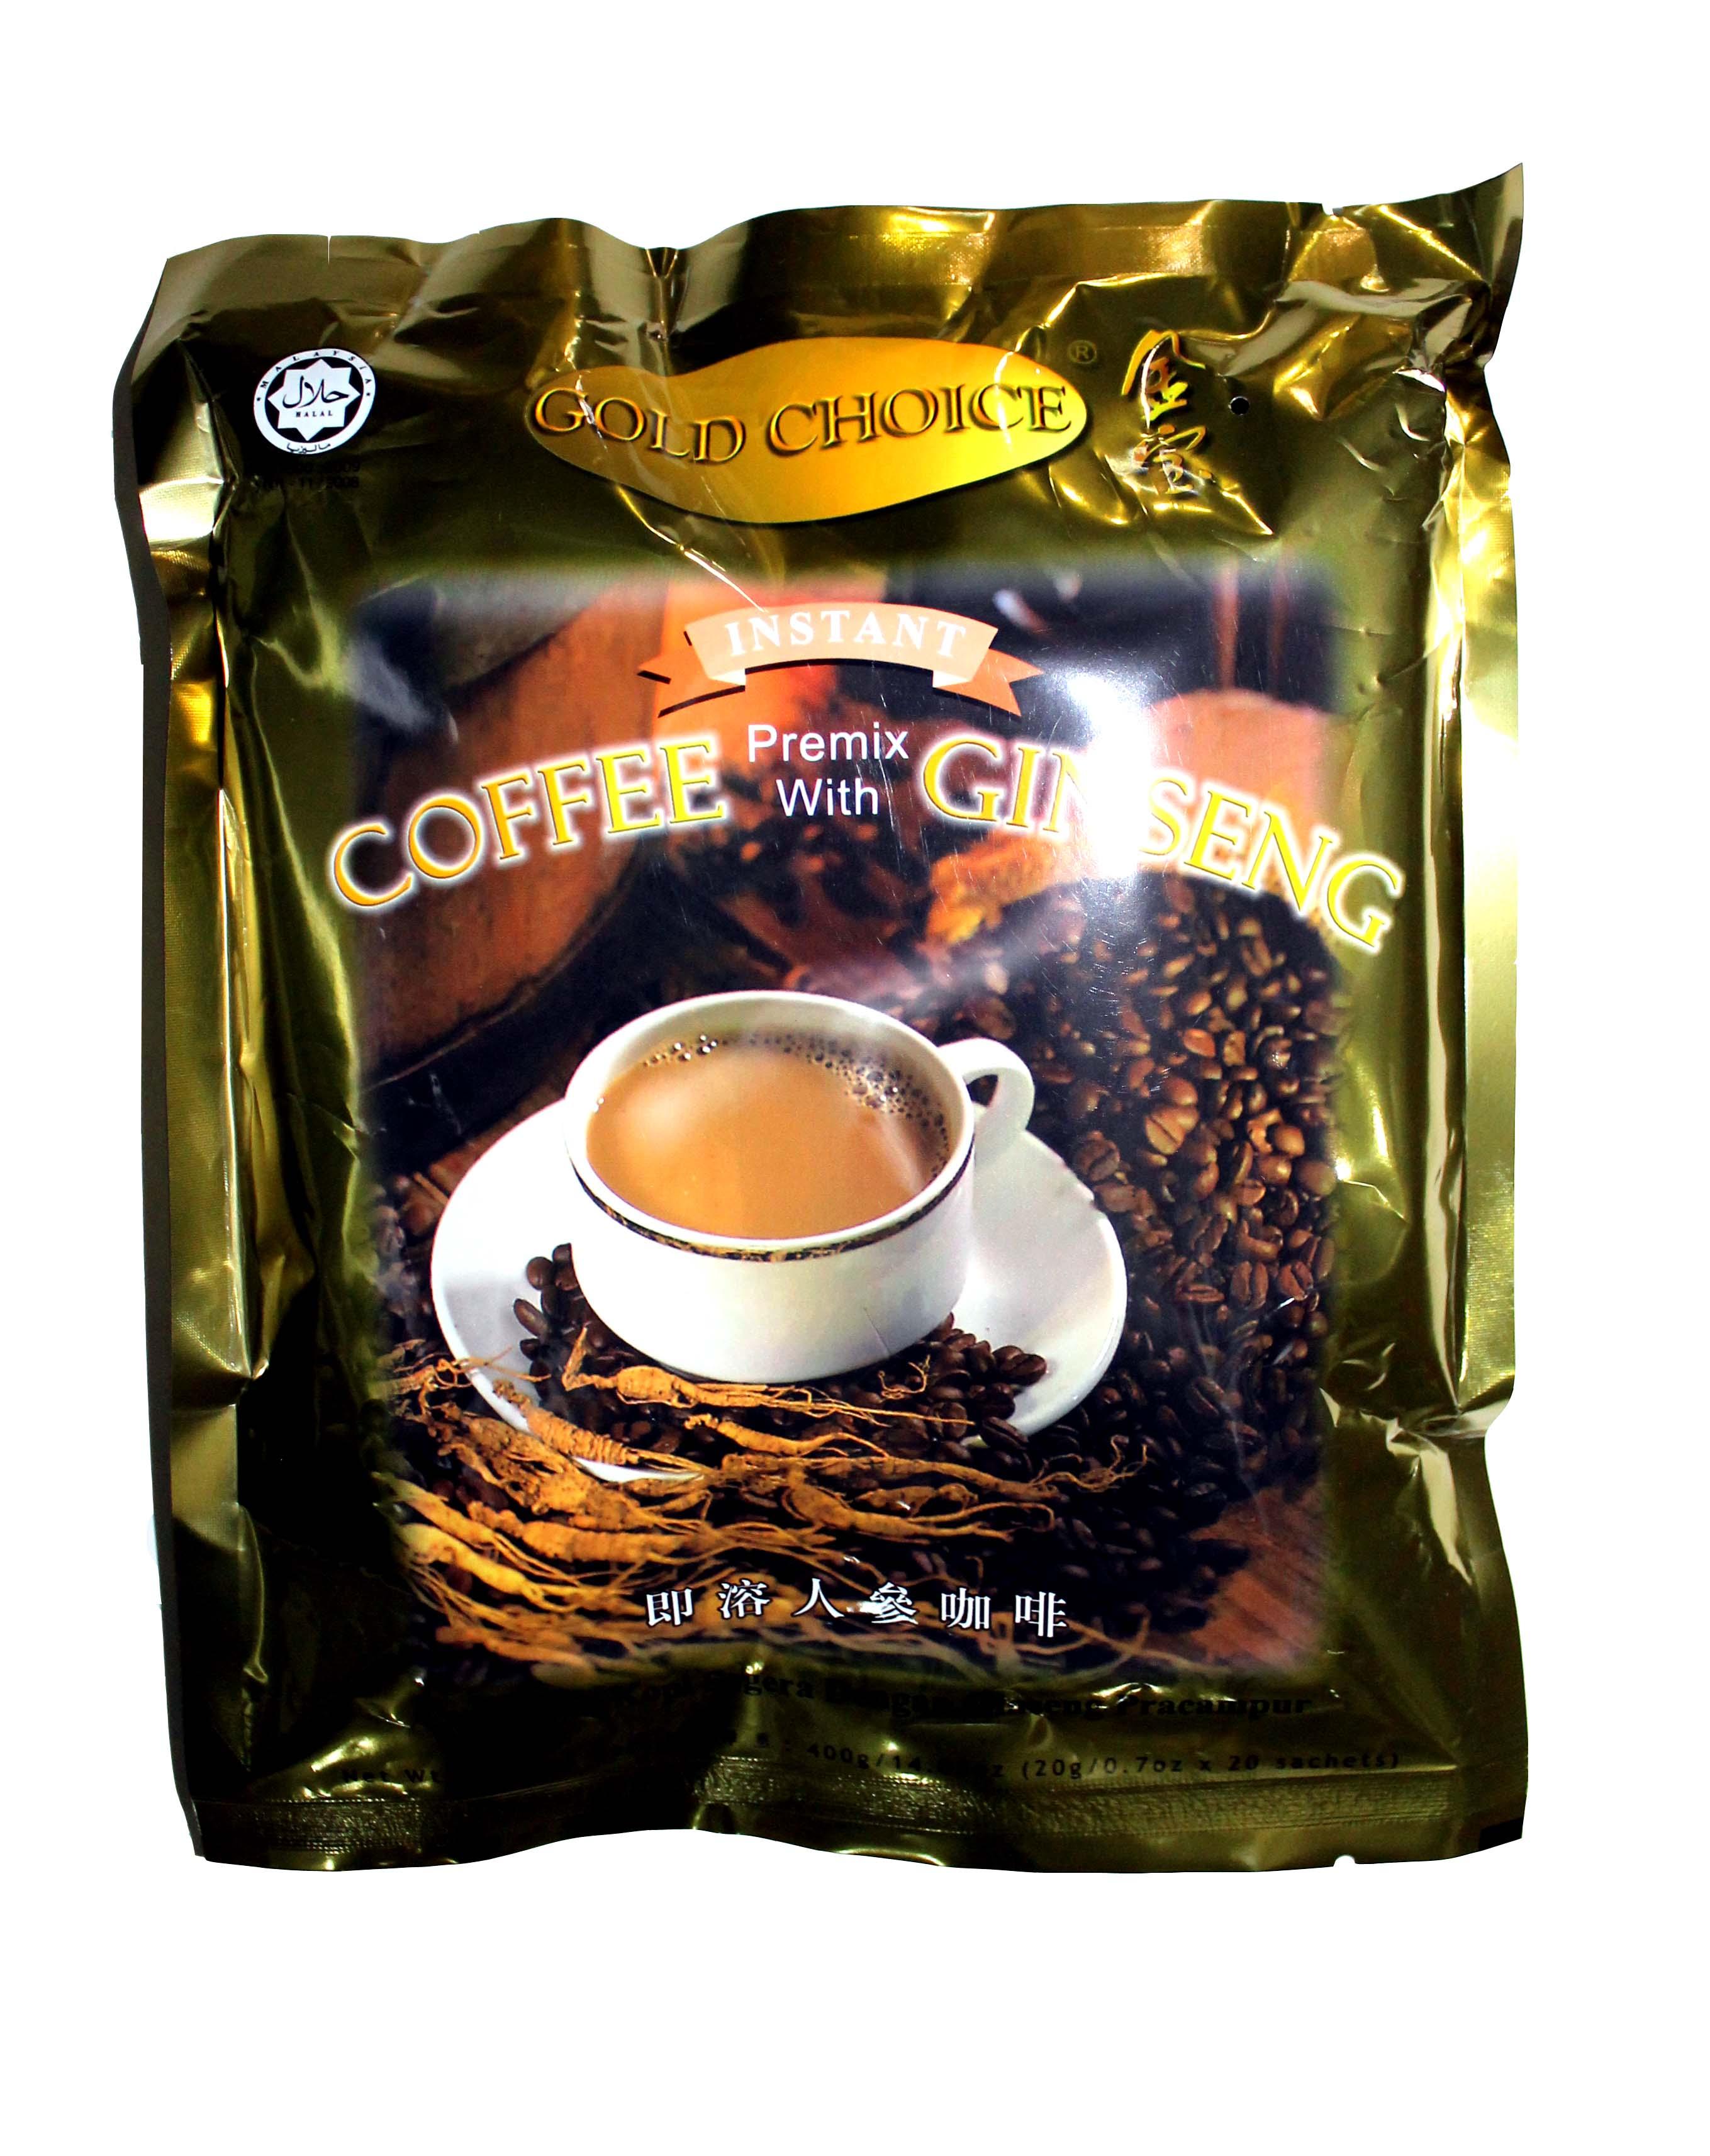 Кофе с женьшенем - как называется, вкус, эффект, свойства, рецепты, отзывы